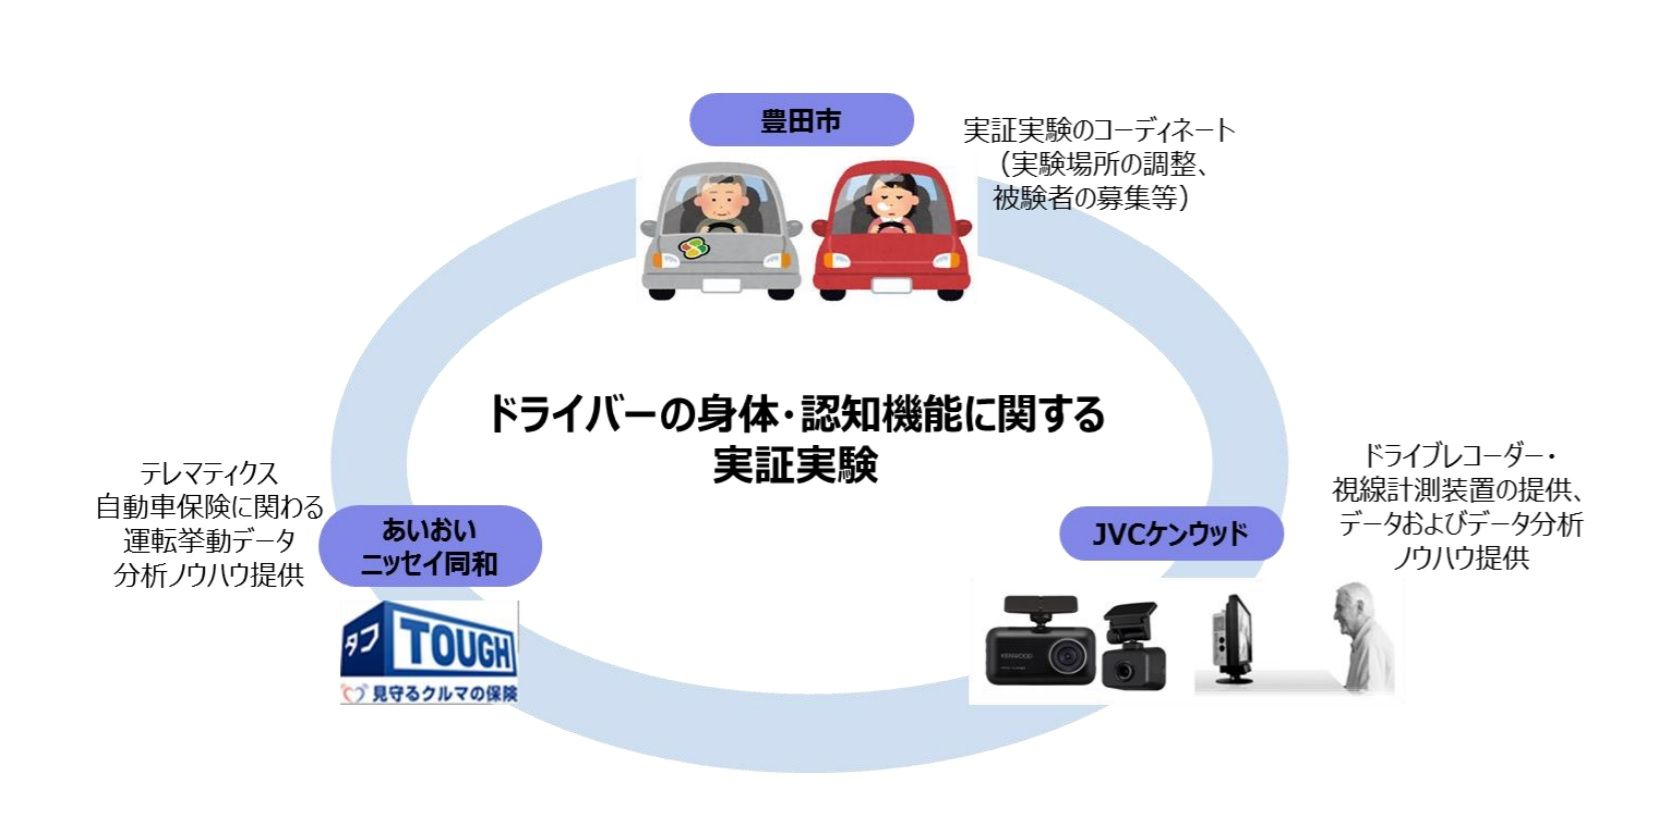 ドライブレコーダーなどを利用してドライバーの身体・認知機能低下の兆候を分析 JVCケンウッドとあいおい